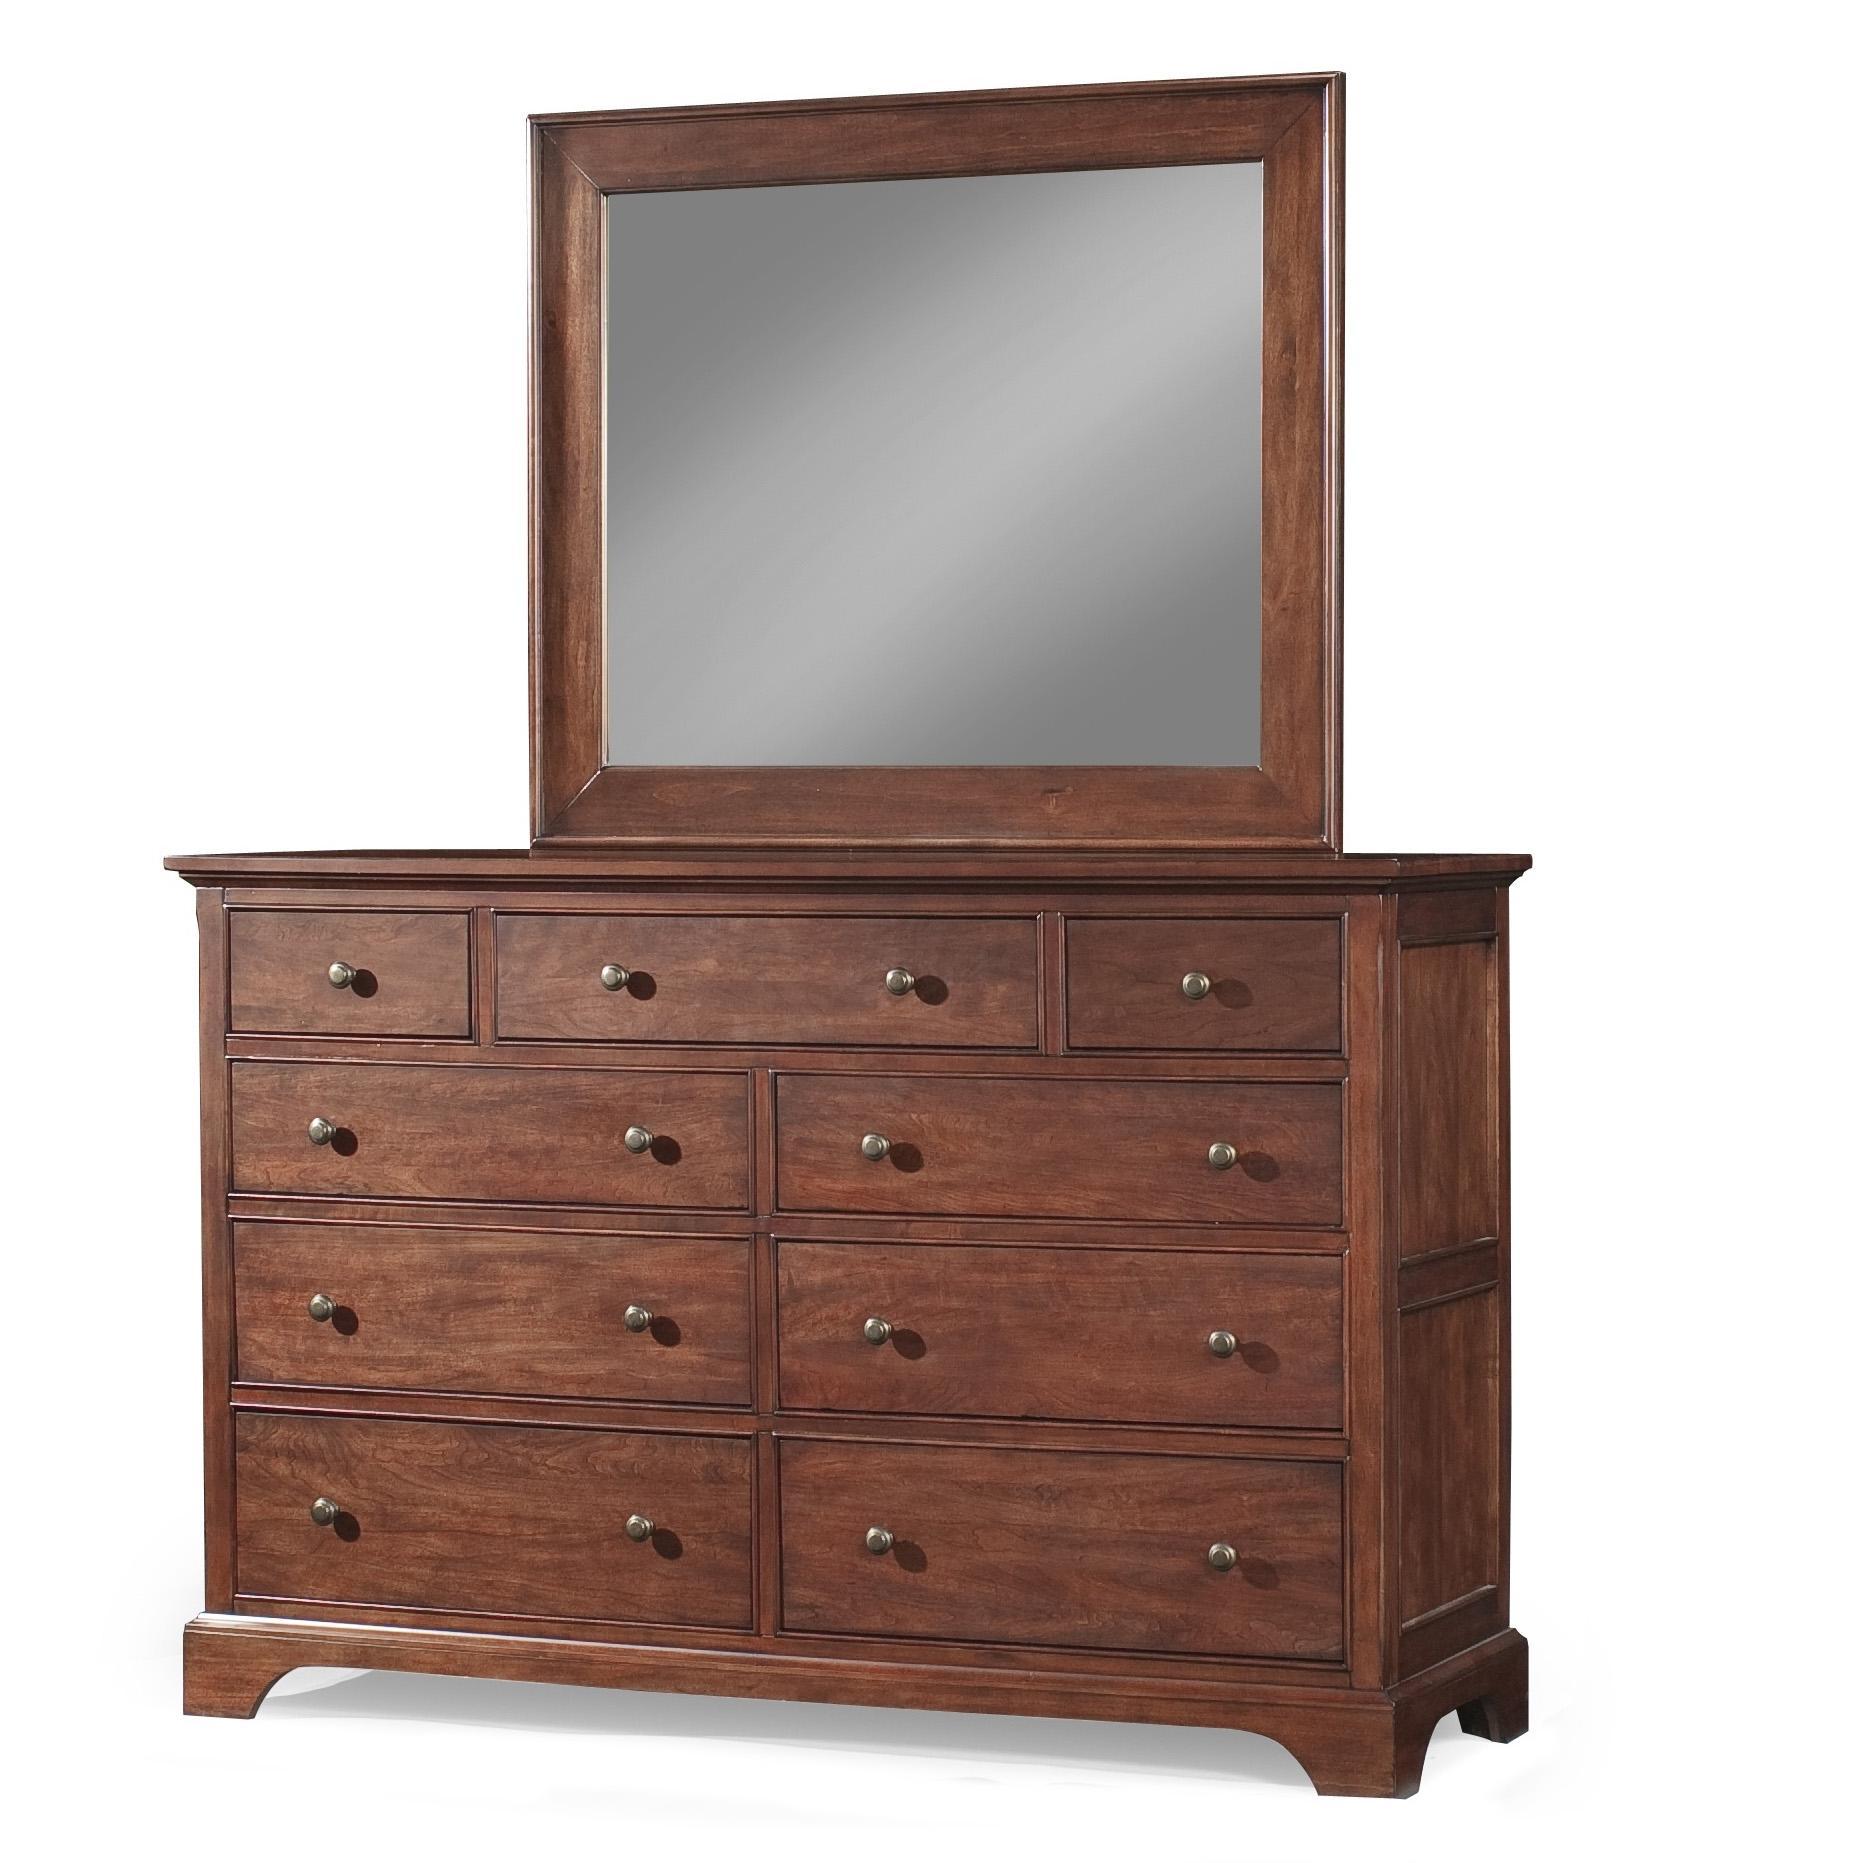 Cresent Fine Furniture Retreat Cherry Dresser & Mirror - Item Number: 1501+1502